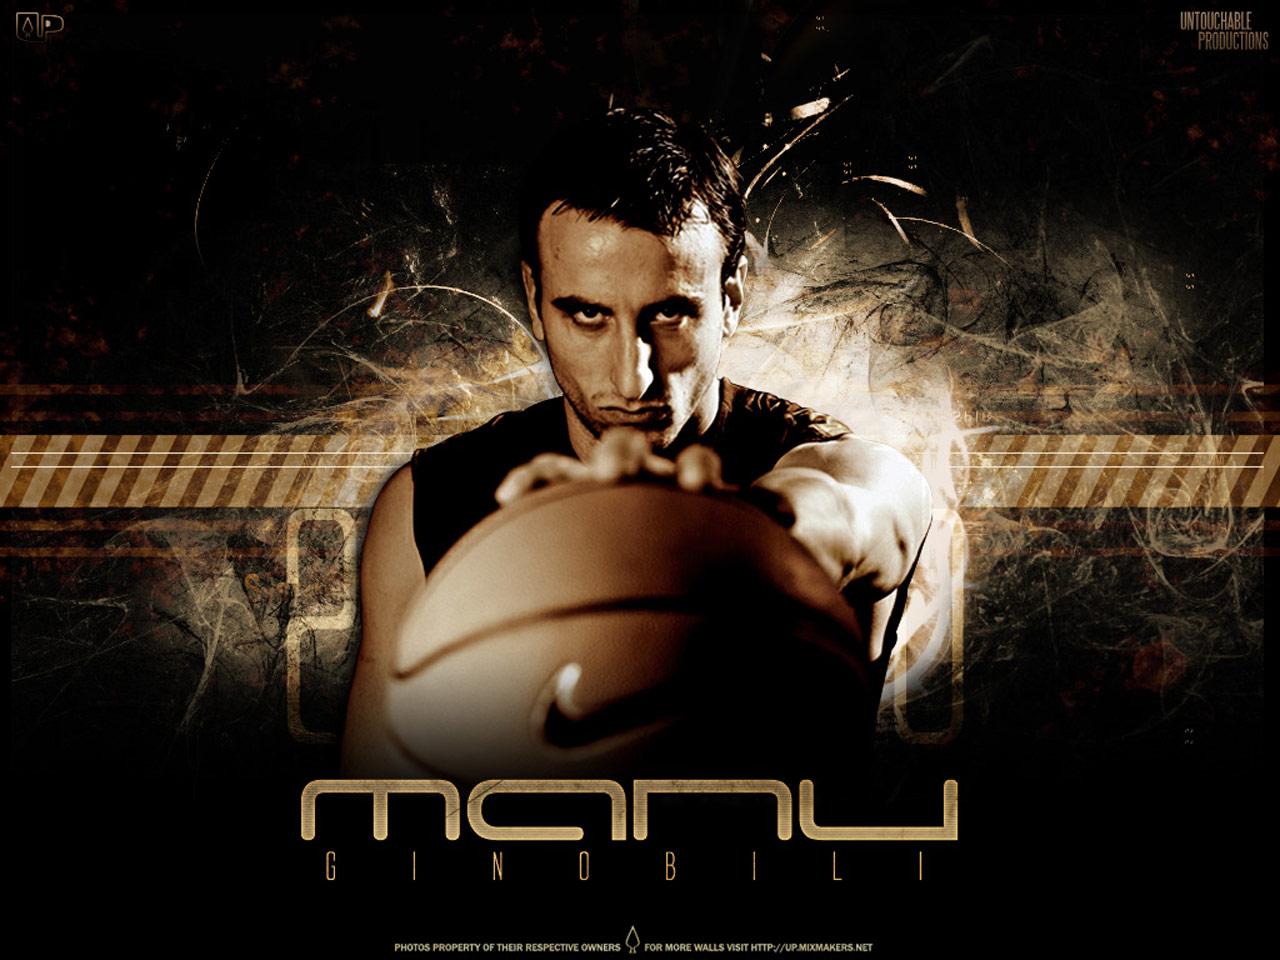 http://3.bp.blogspot.com/-pYD1diGPaWE/TbnGIM0rn_I/AAAAAAAAJBY/YLu2we7lpOM/s1600/Manu-Ginobili-Wallpaper-001.jpg